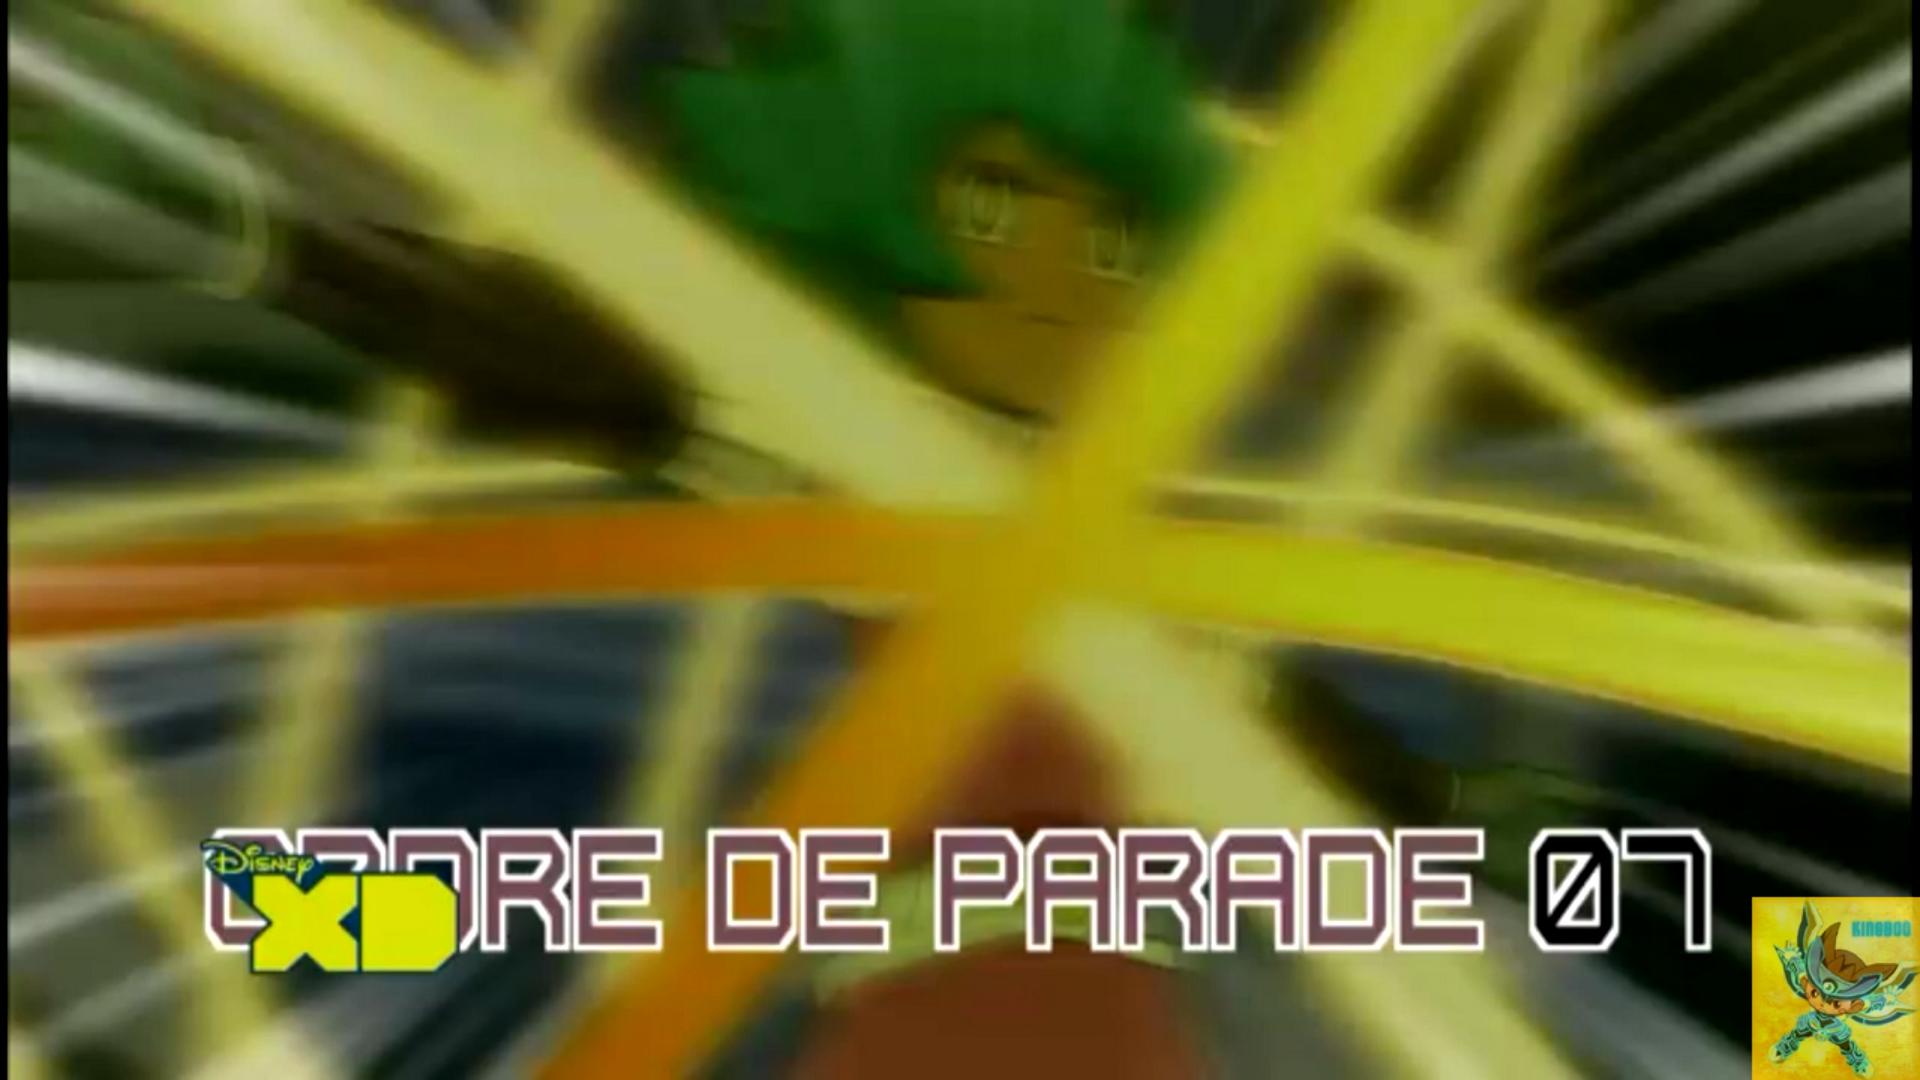 Gyro-Parade